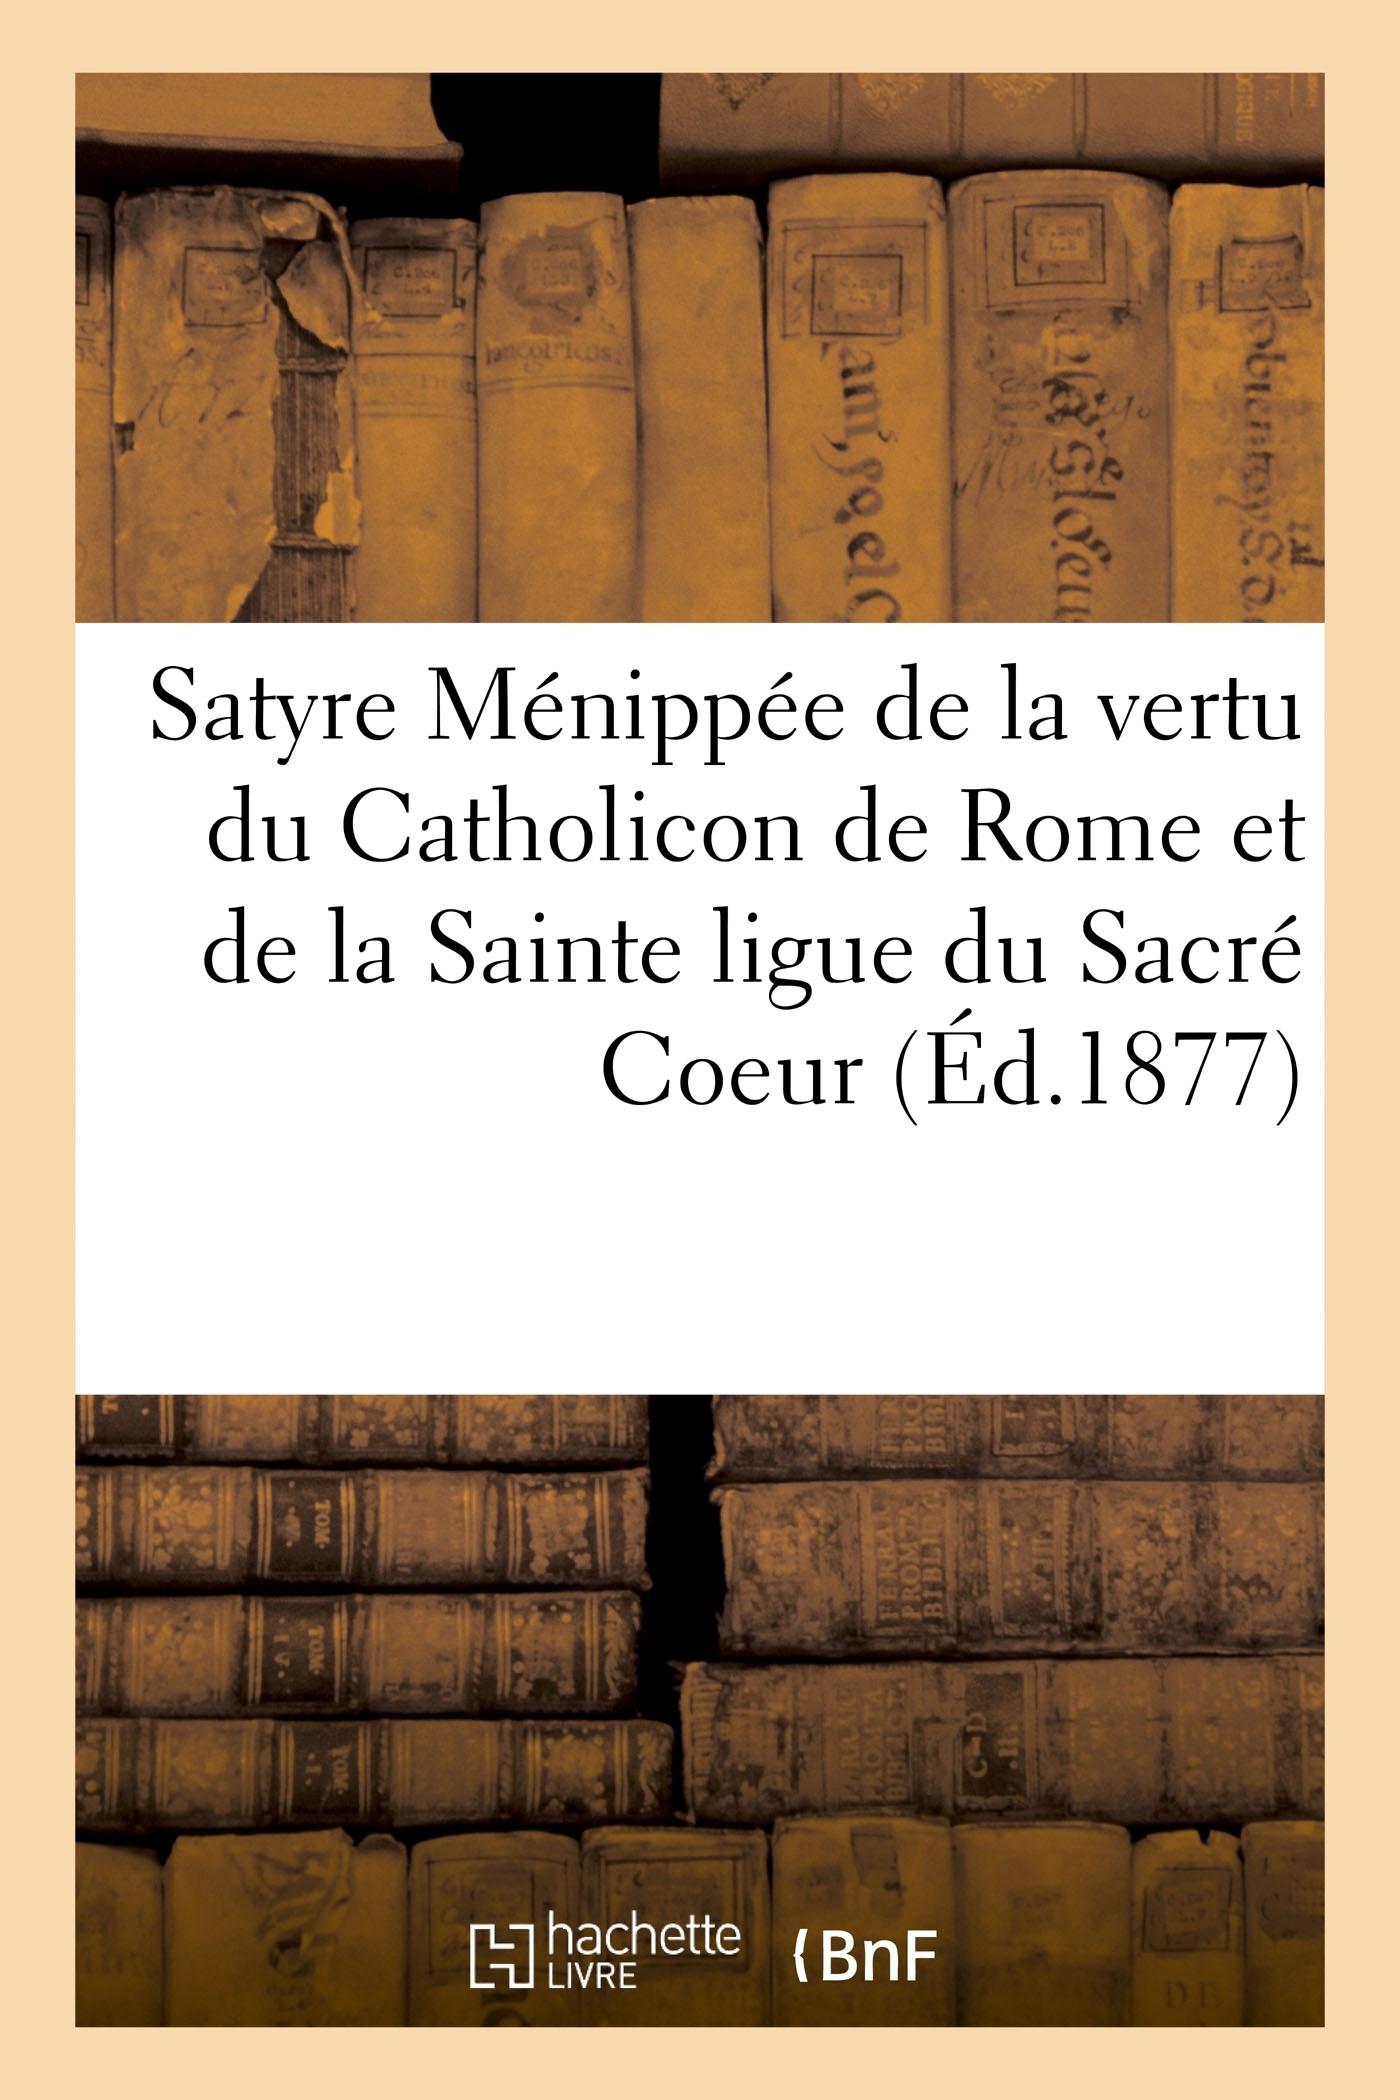 SATYRE MENIPPEE DE LA VERTU DU CATHOLICON DE ROME ET DE LA SAINTE LIGUE DU SACRE COEUR - JOUXTE LA C